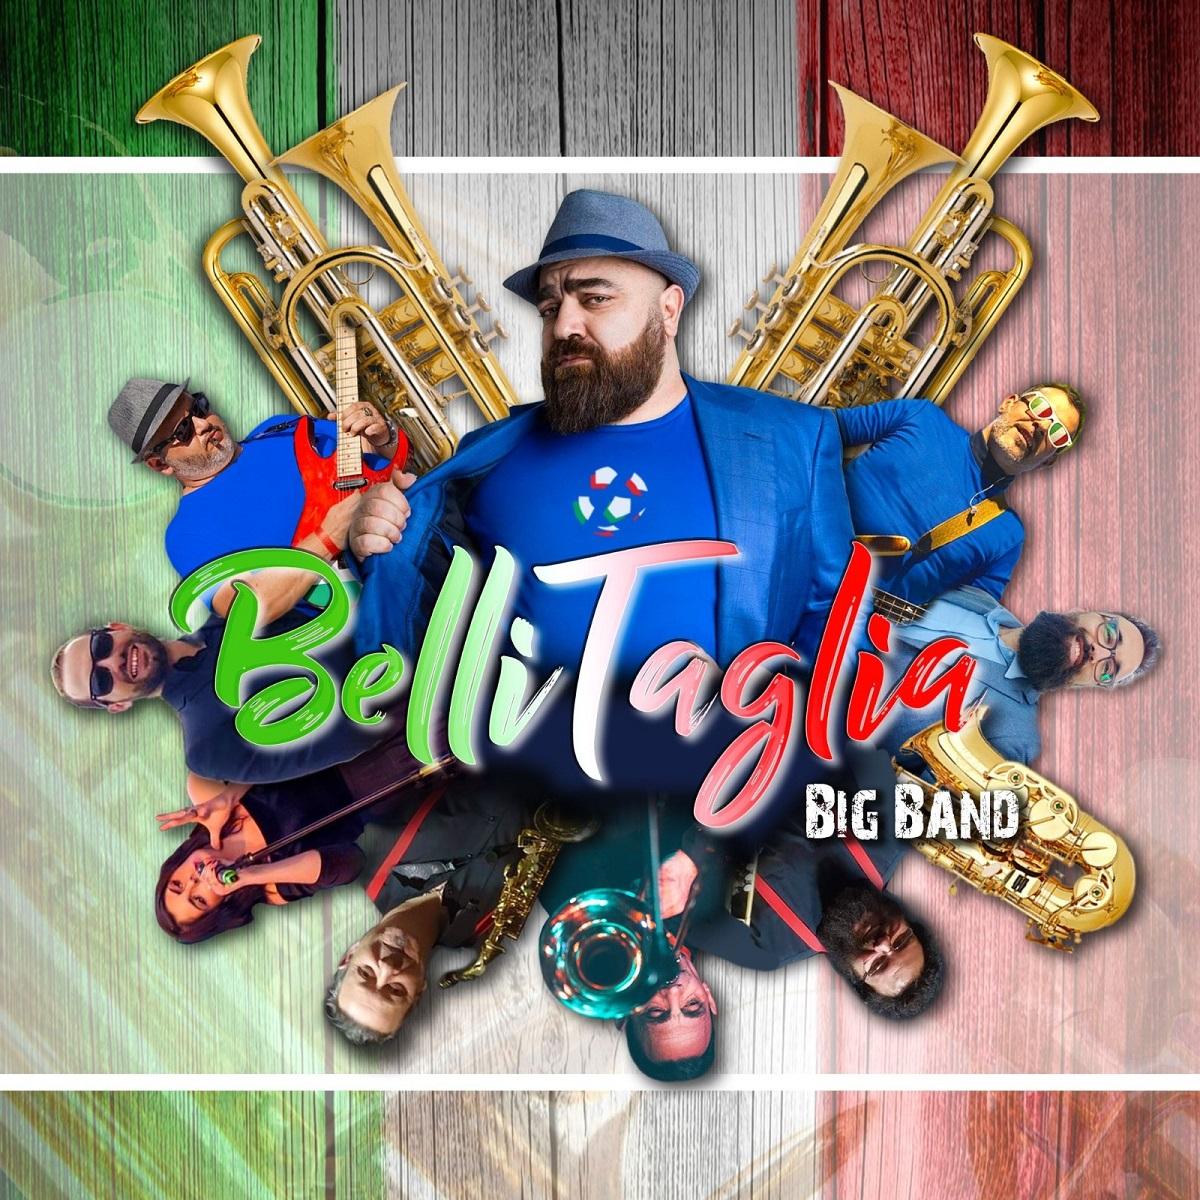 Bellitaglia Big Band sabato 19 giugno a Chieti Scalo foto